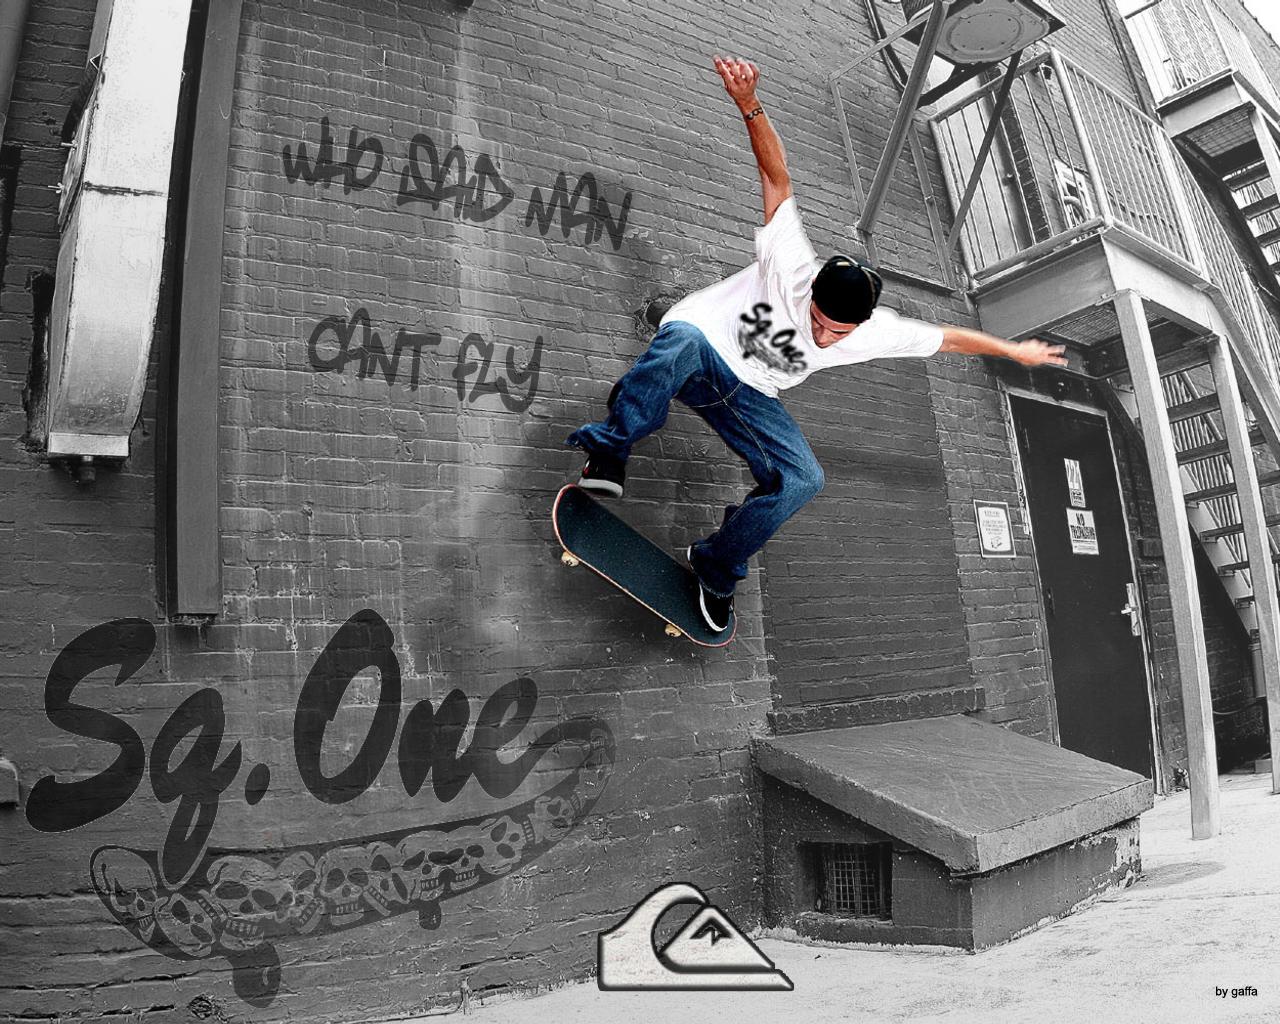 hd wallpaper skateboarding hd wallpapers